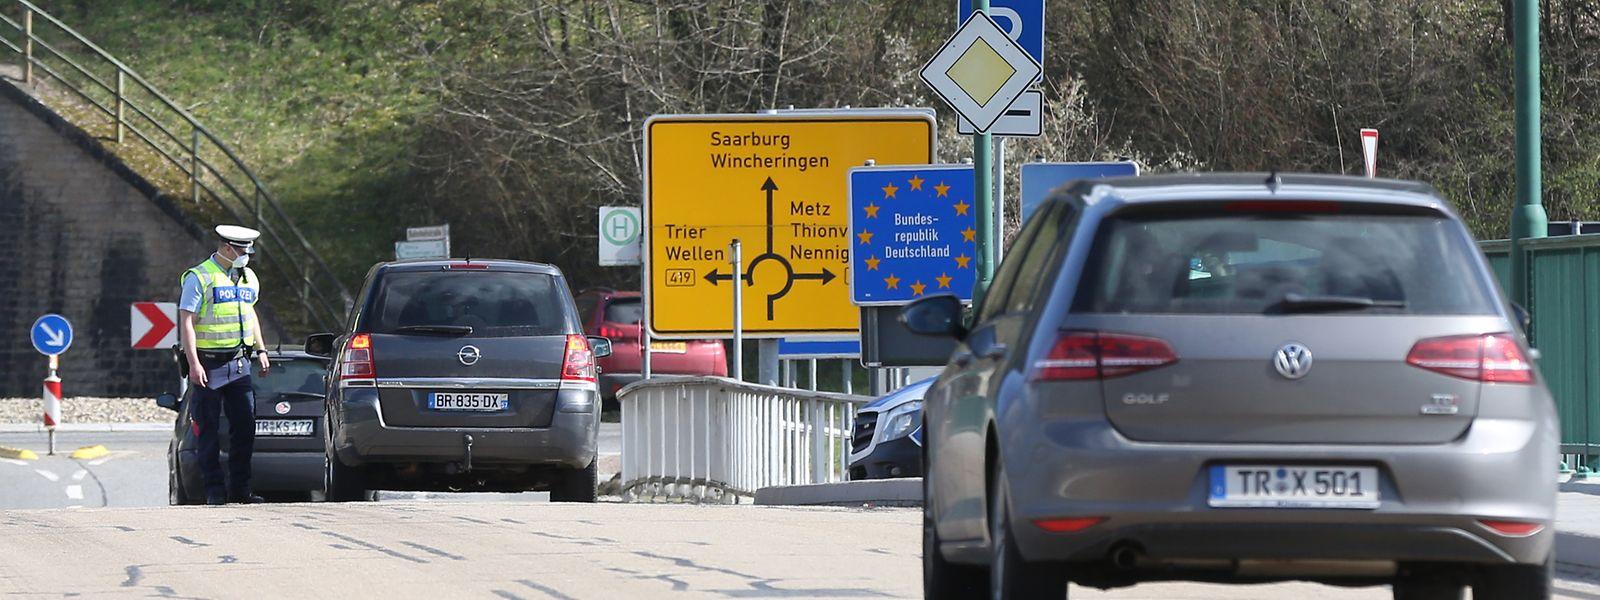 Les résidents de la Sarre travaillant au Luxembourg sont invités à se faire tester régulièrement.